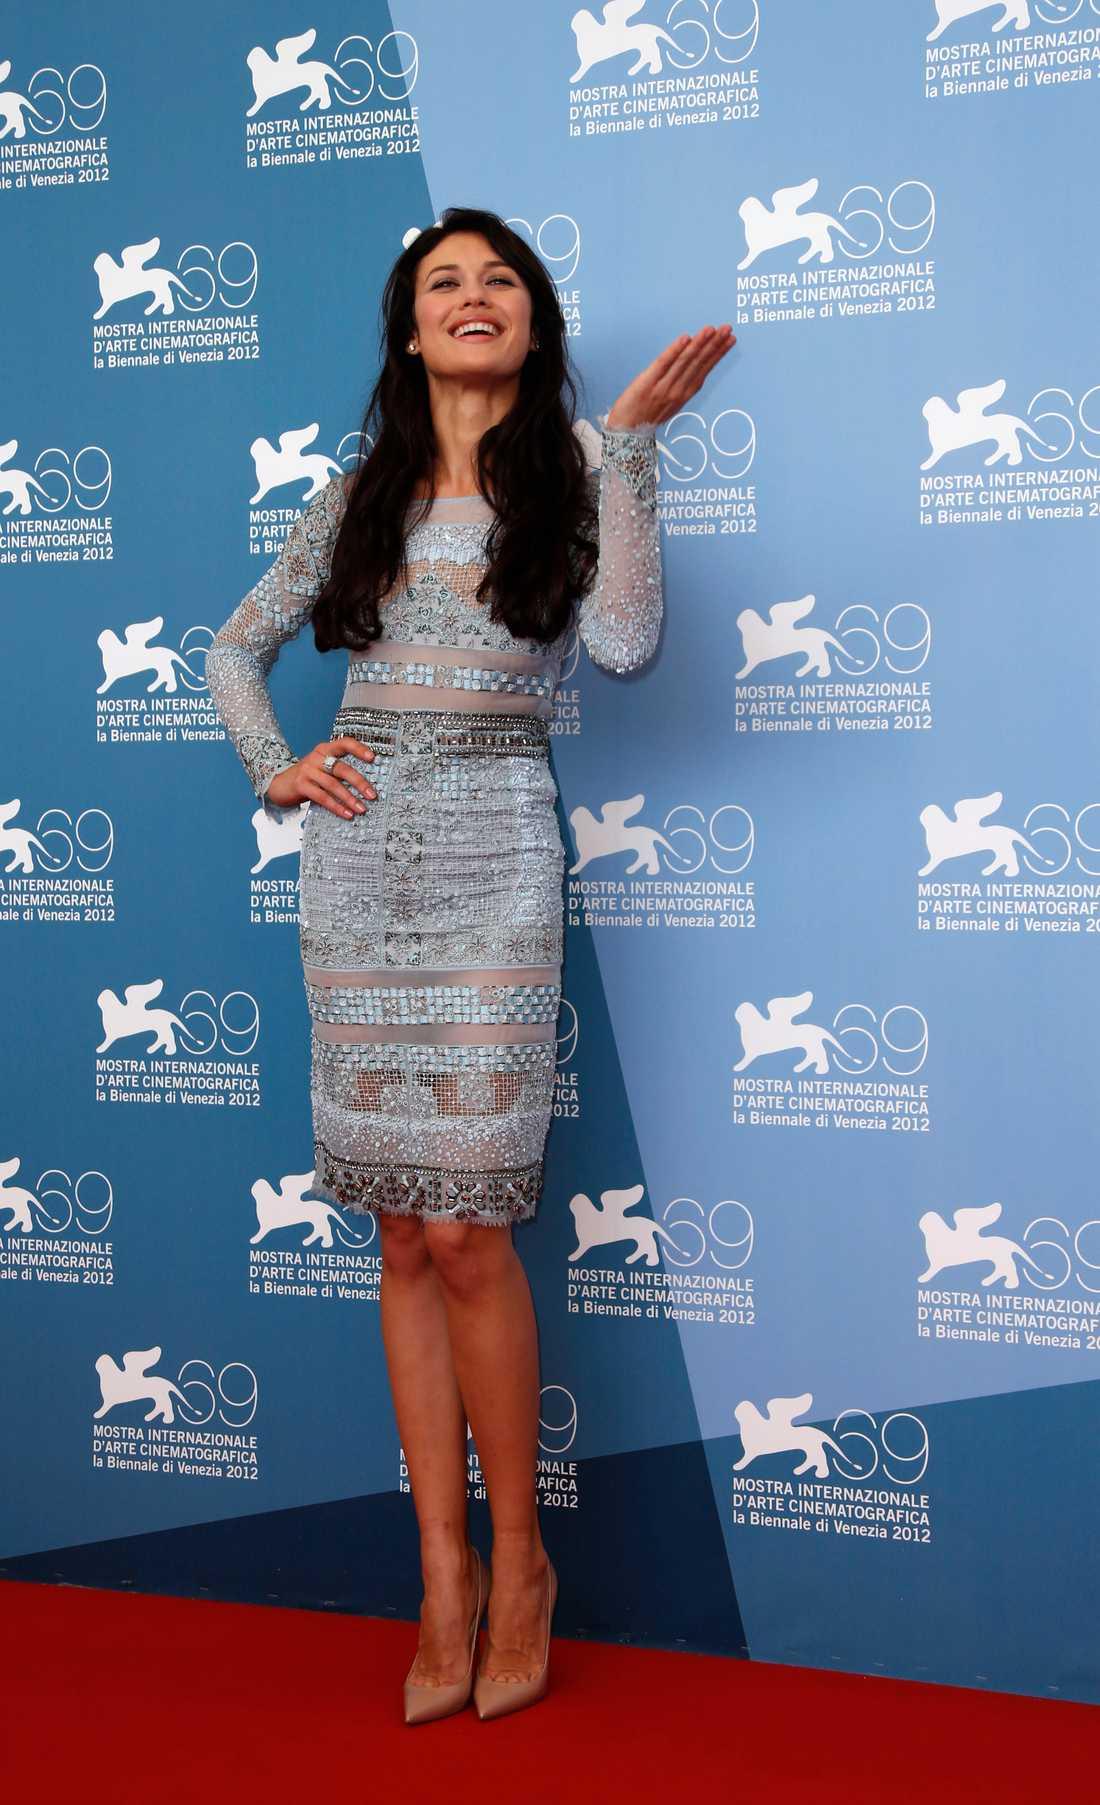 Olga Kurylenko, på filmfestival i Venedig 2012 Ännu en åtsittande klänning, som trots sina transparenta partier avslöjar lagom mycket tack vare de korta ärmarna. Denna ljusblå skapelse från Emilio Pucci kombineras ytterst stilfullt med begie pumps från Louboutin.